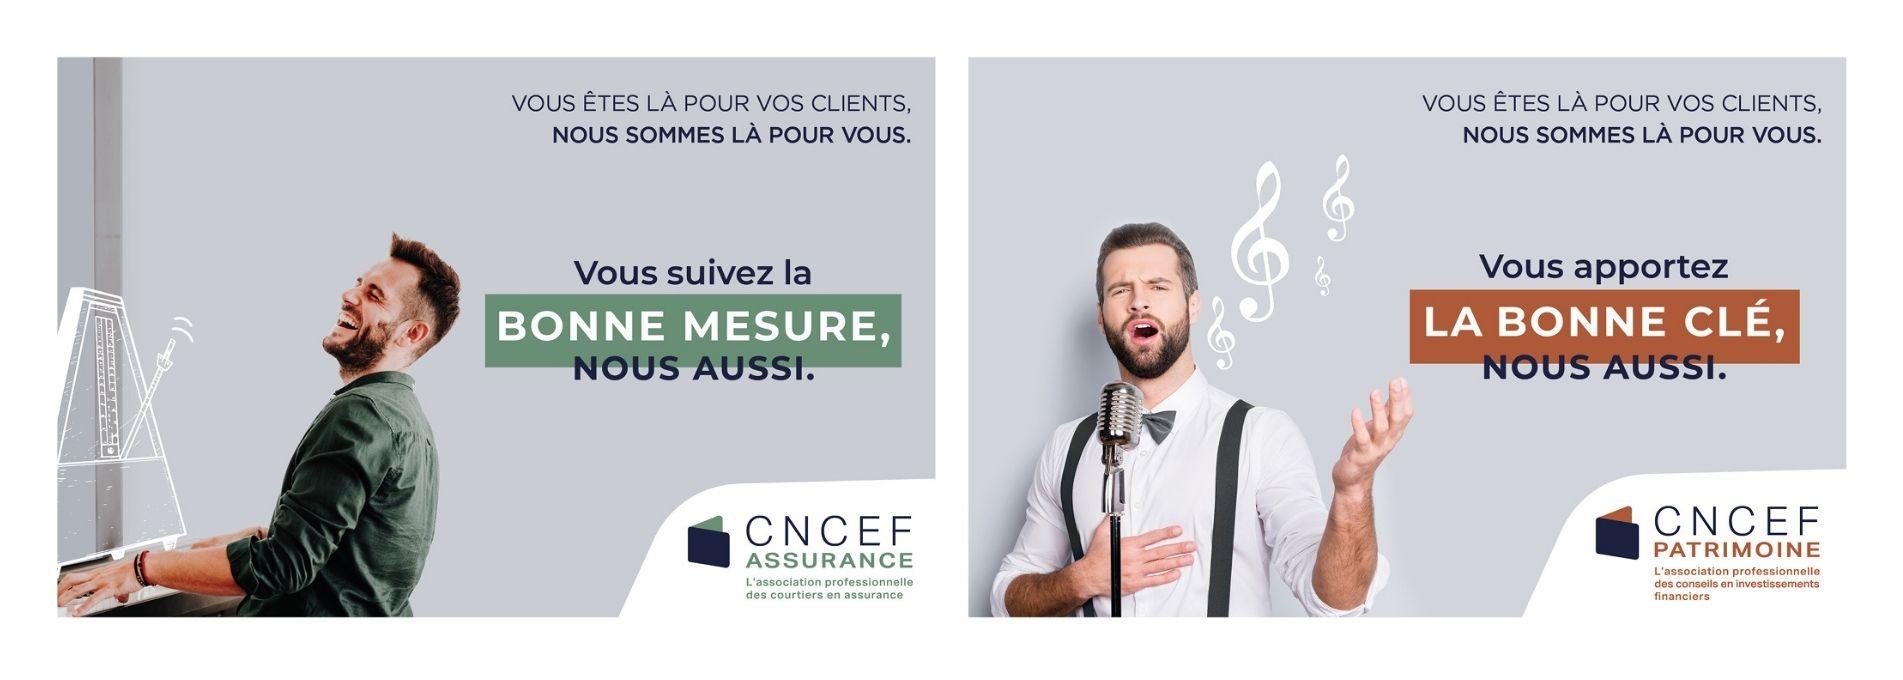 Nouveau territoire de communication pour la CNCEF